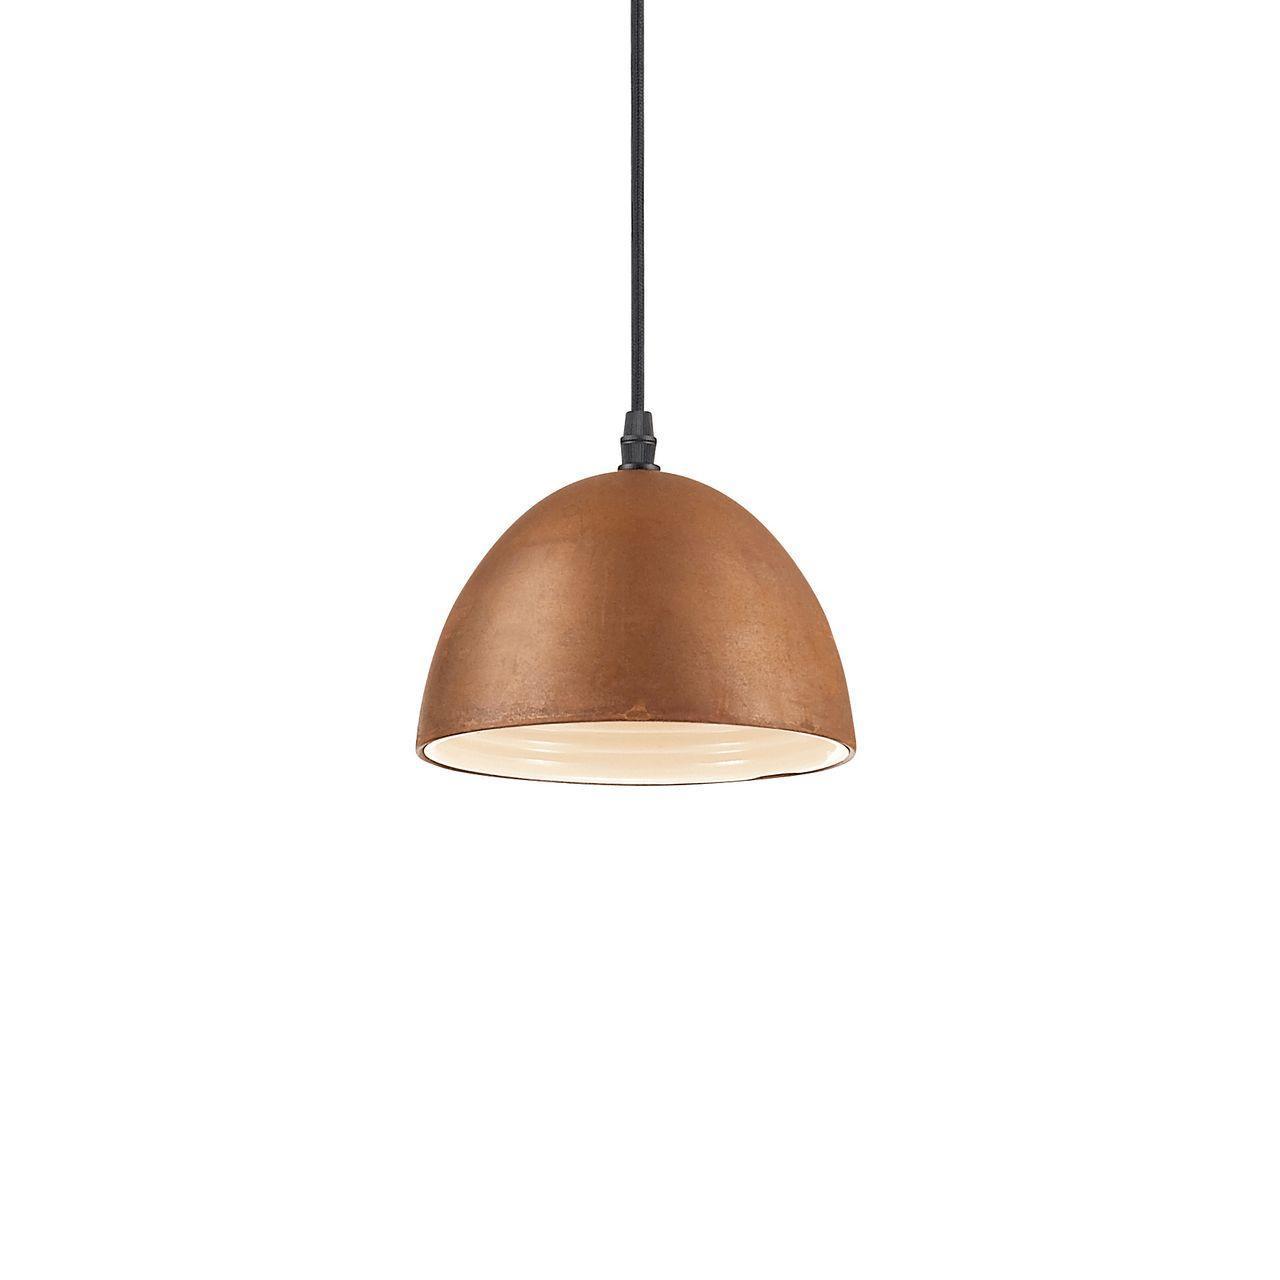 Подвесной светильник Ideal Lux Folk SP1 D18 proac response d18 mahogany